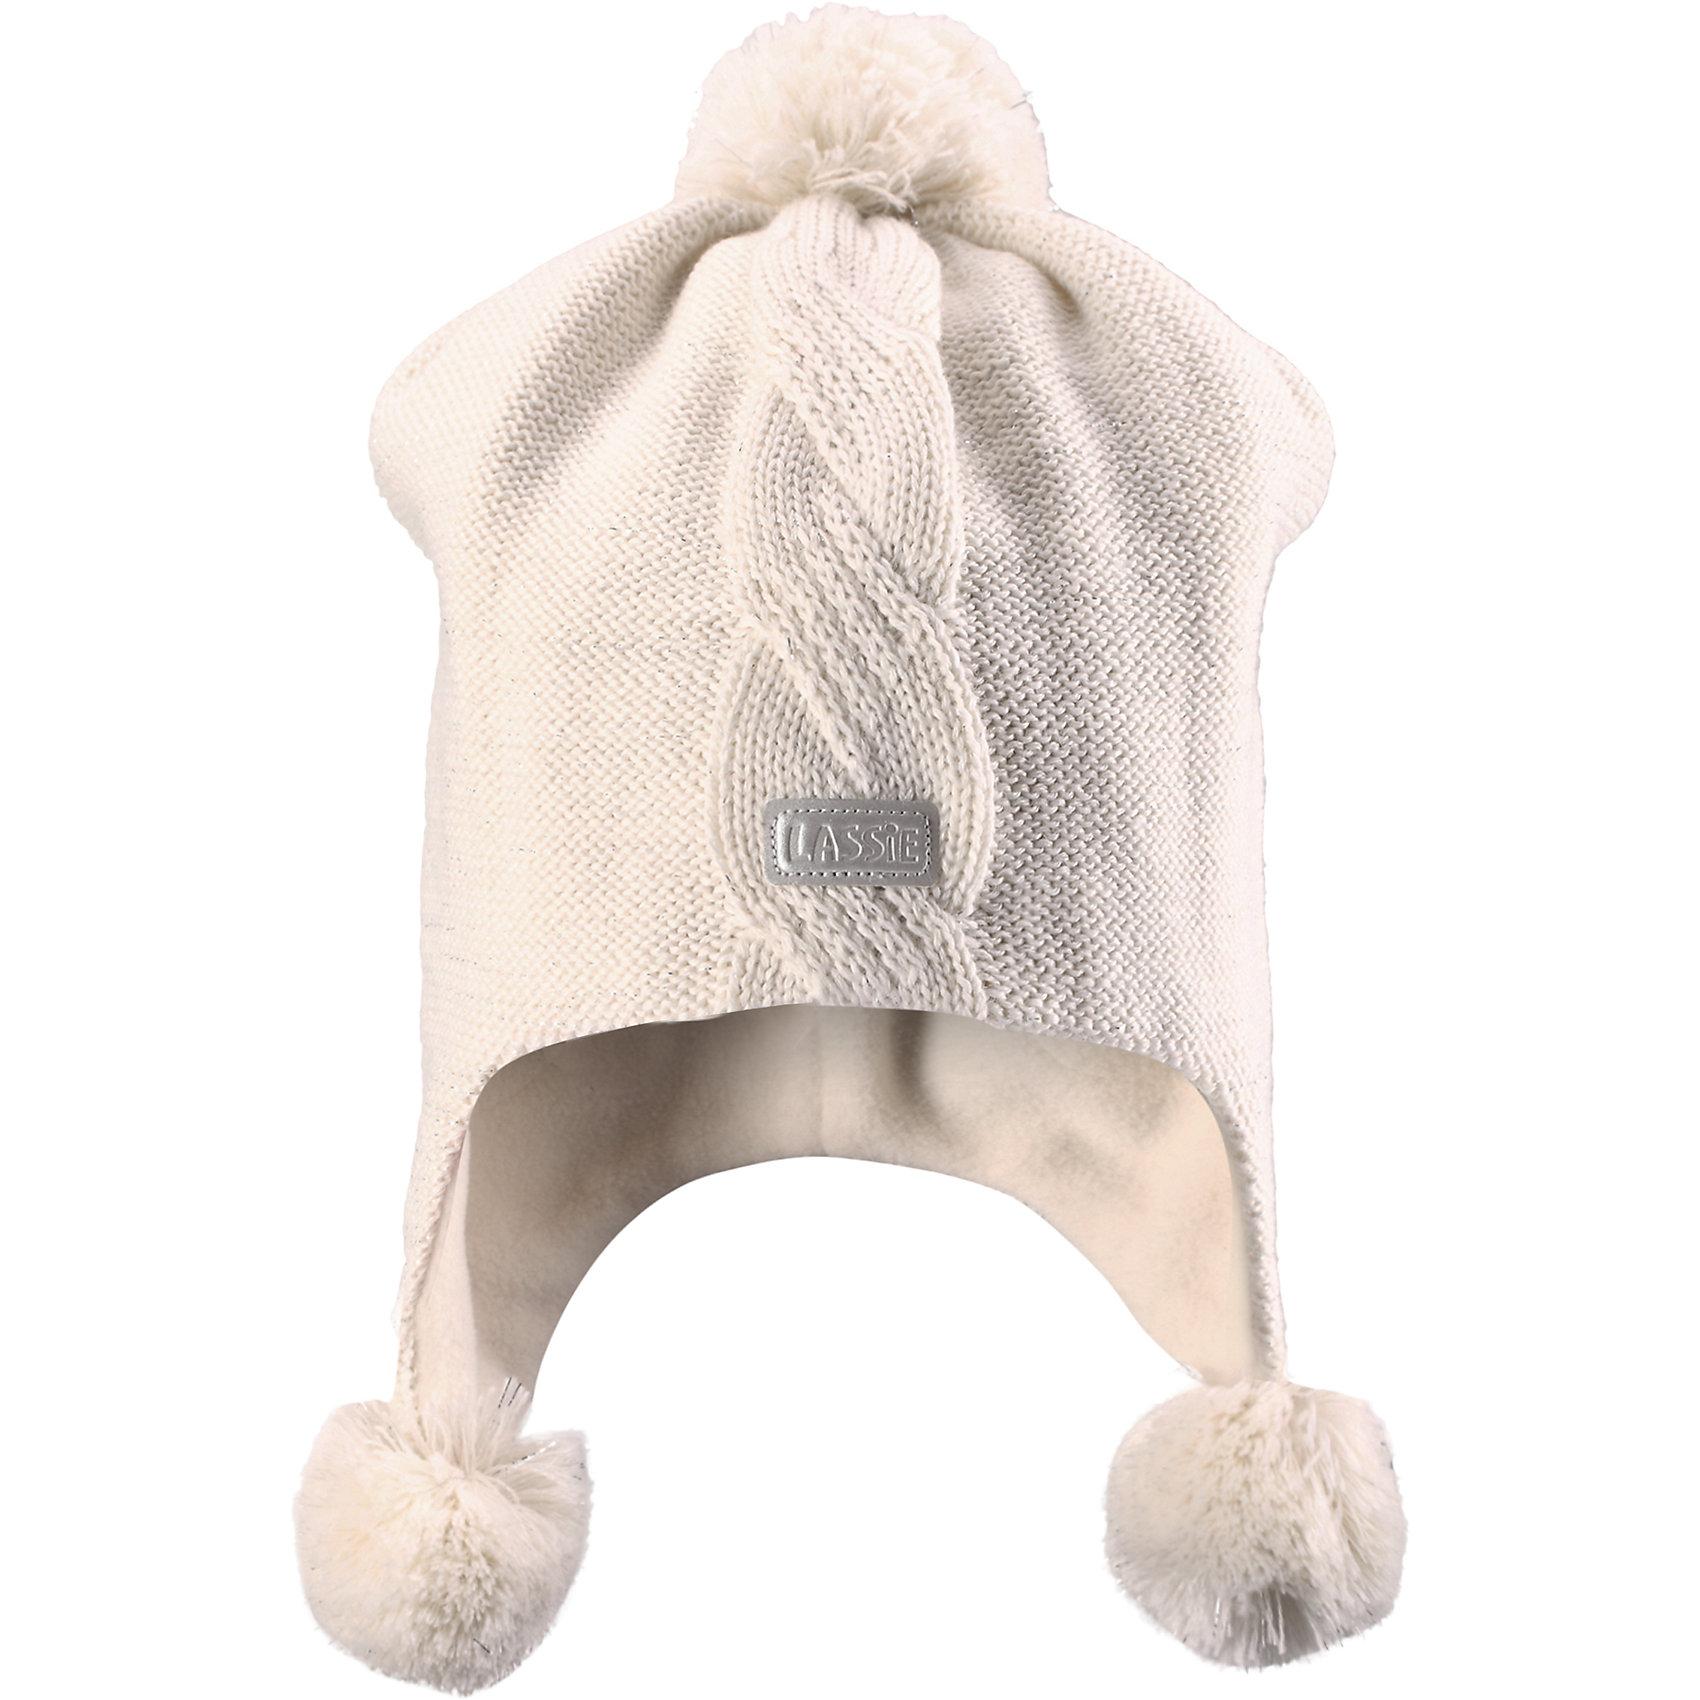 Шапка для девочки LASSIEШапки и шарфы<br>Шапка «Бини» для детей известной финской марки.<br><br>- Мягкая и теплая ткань из смеси шерсти.<br><br>- Ветронепроницаемые вставки в области ушей.<br>- Мягкая теплая подкладка из флиса. <br>- Помпон сверху. <br>- Декоративная структура поверхности. <br>- Светоотражающая эмблема Lassie® спереди.  <br><br>Рекомендации по уходу: Придать первоначальную форму вo влажном виде. <br><br>Возможна усадка 5 %.Состав: 50% Шерсть, 50% полиакрил.<br><br>Ширина мм: 89<br>Глубина мм: 117<br>Высота мм: 44<br>Вес г: 155<br>Цвет: белый<br>Возраст от месяцев: 12<br>Возраст до месяцев: 24<br>Пол: Женский<br>Возраст: Детский<br>Размер: 46-48,54-56,50-52<br>SKU: 4780745